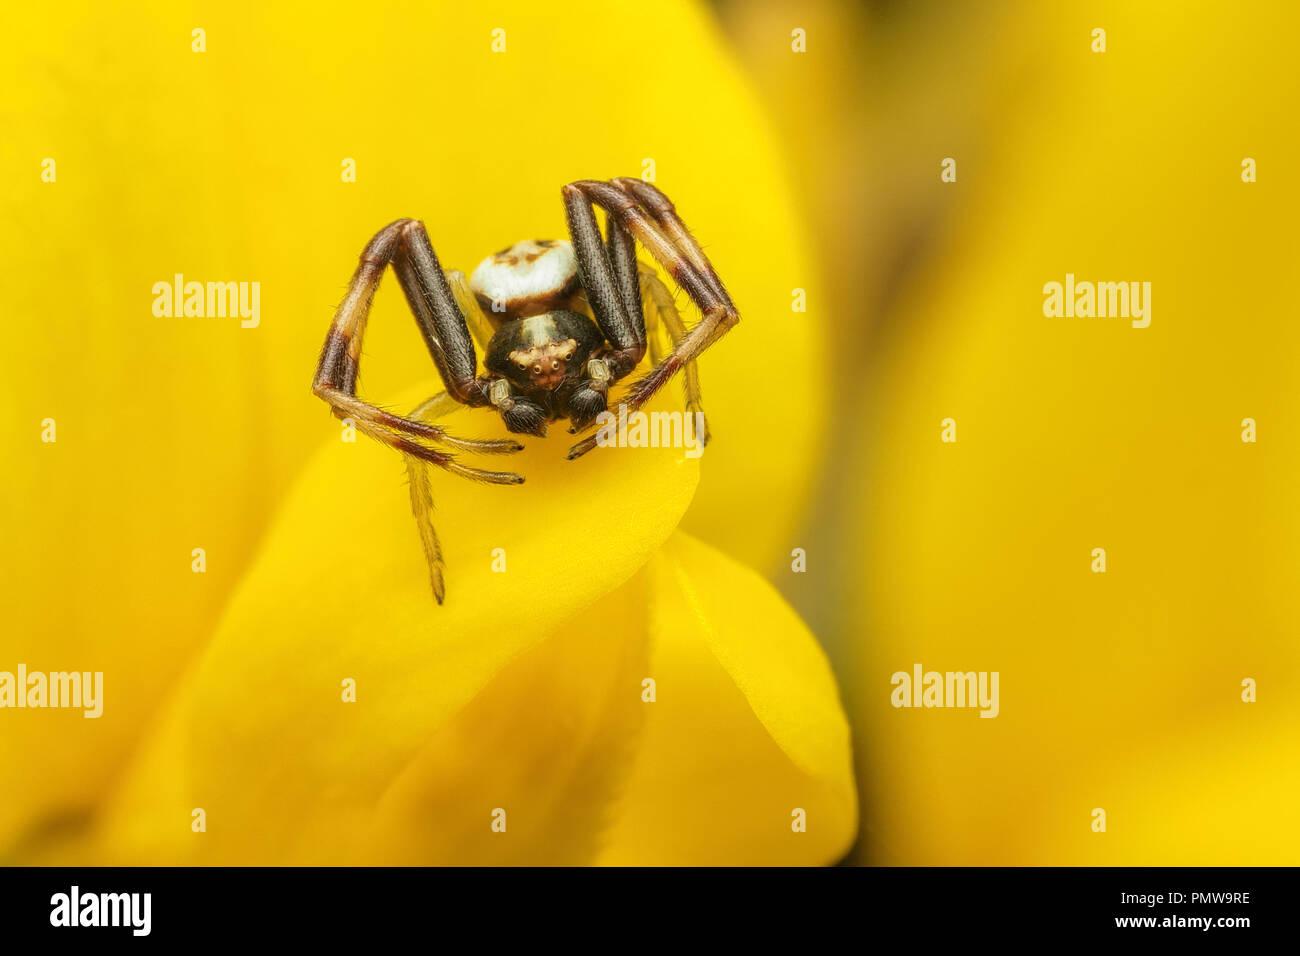 Männliche Misumena vatia crab Spider ruht auf ginster blühen. Tipperary, Irland Stockfoto